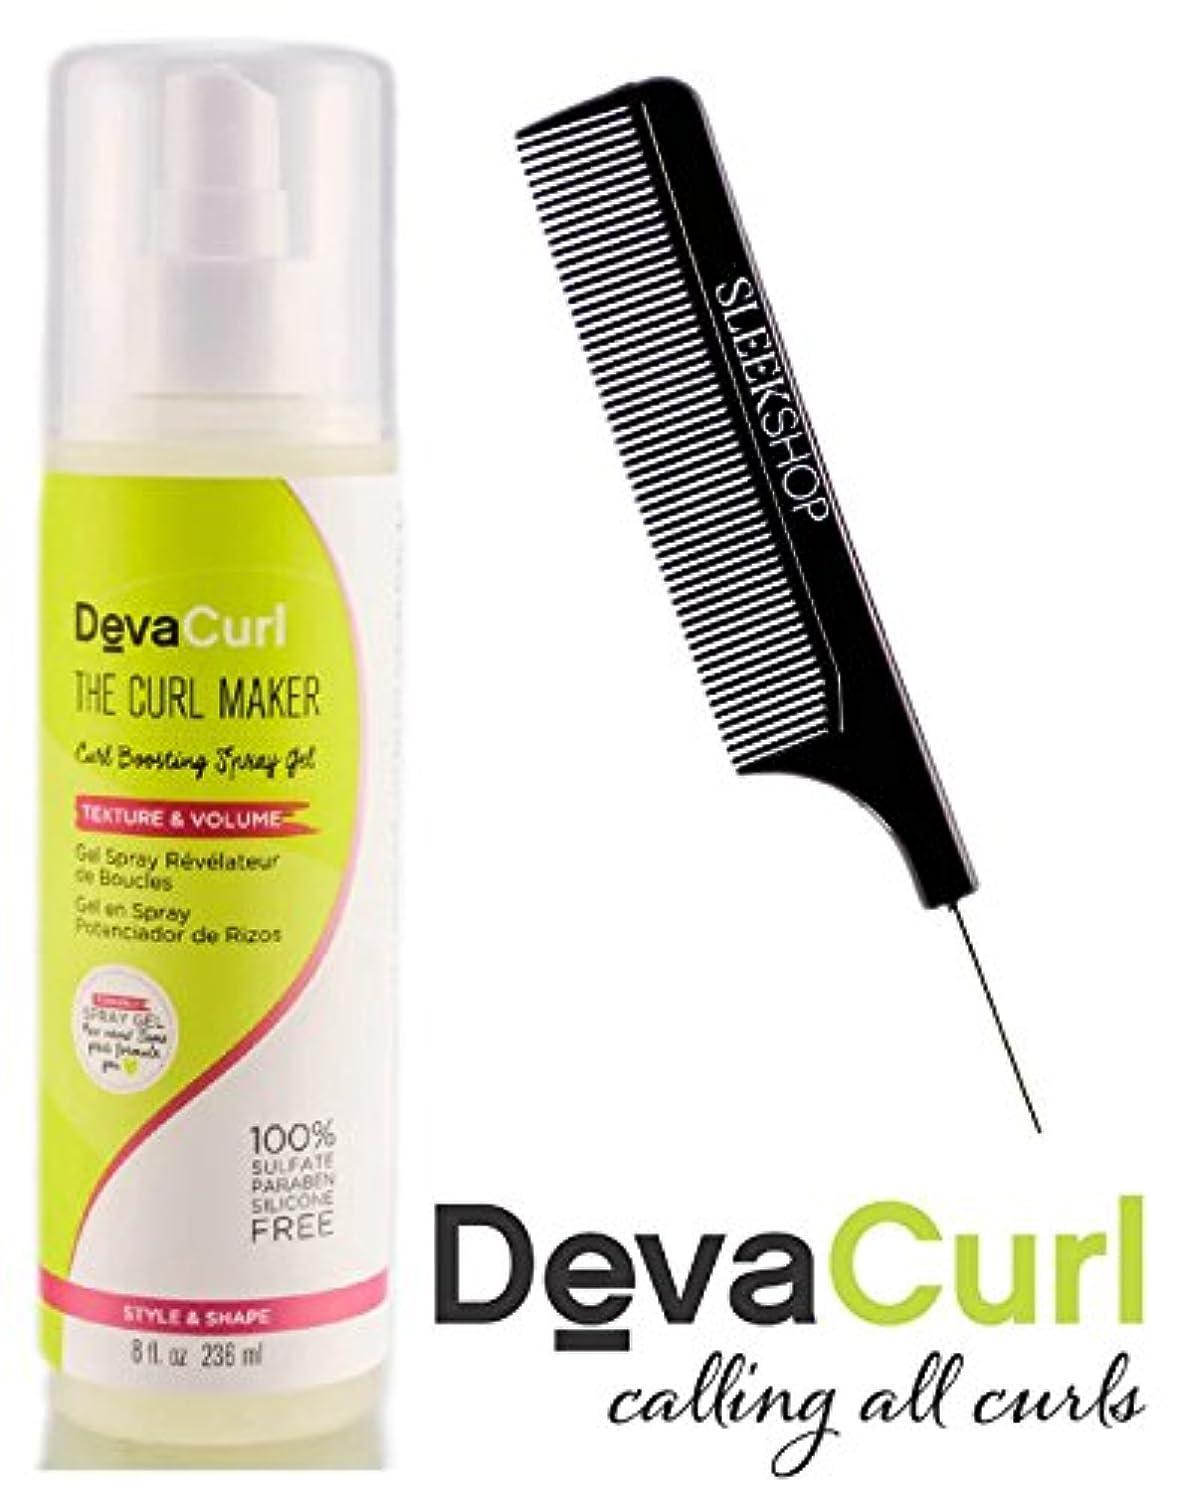 つま先ジャズ滝Deva Curl by Diva Curl ザ?カールメーカー、カールはジェル、テクスチャ&ボリューム(なめらかなスチールピンテール櫛で)100%硫酸-パラベン-シリコーンフリー、スタイル&シェイプ(8オンス/ 236...